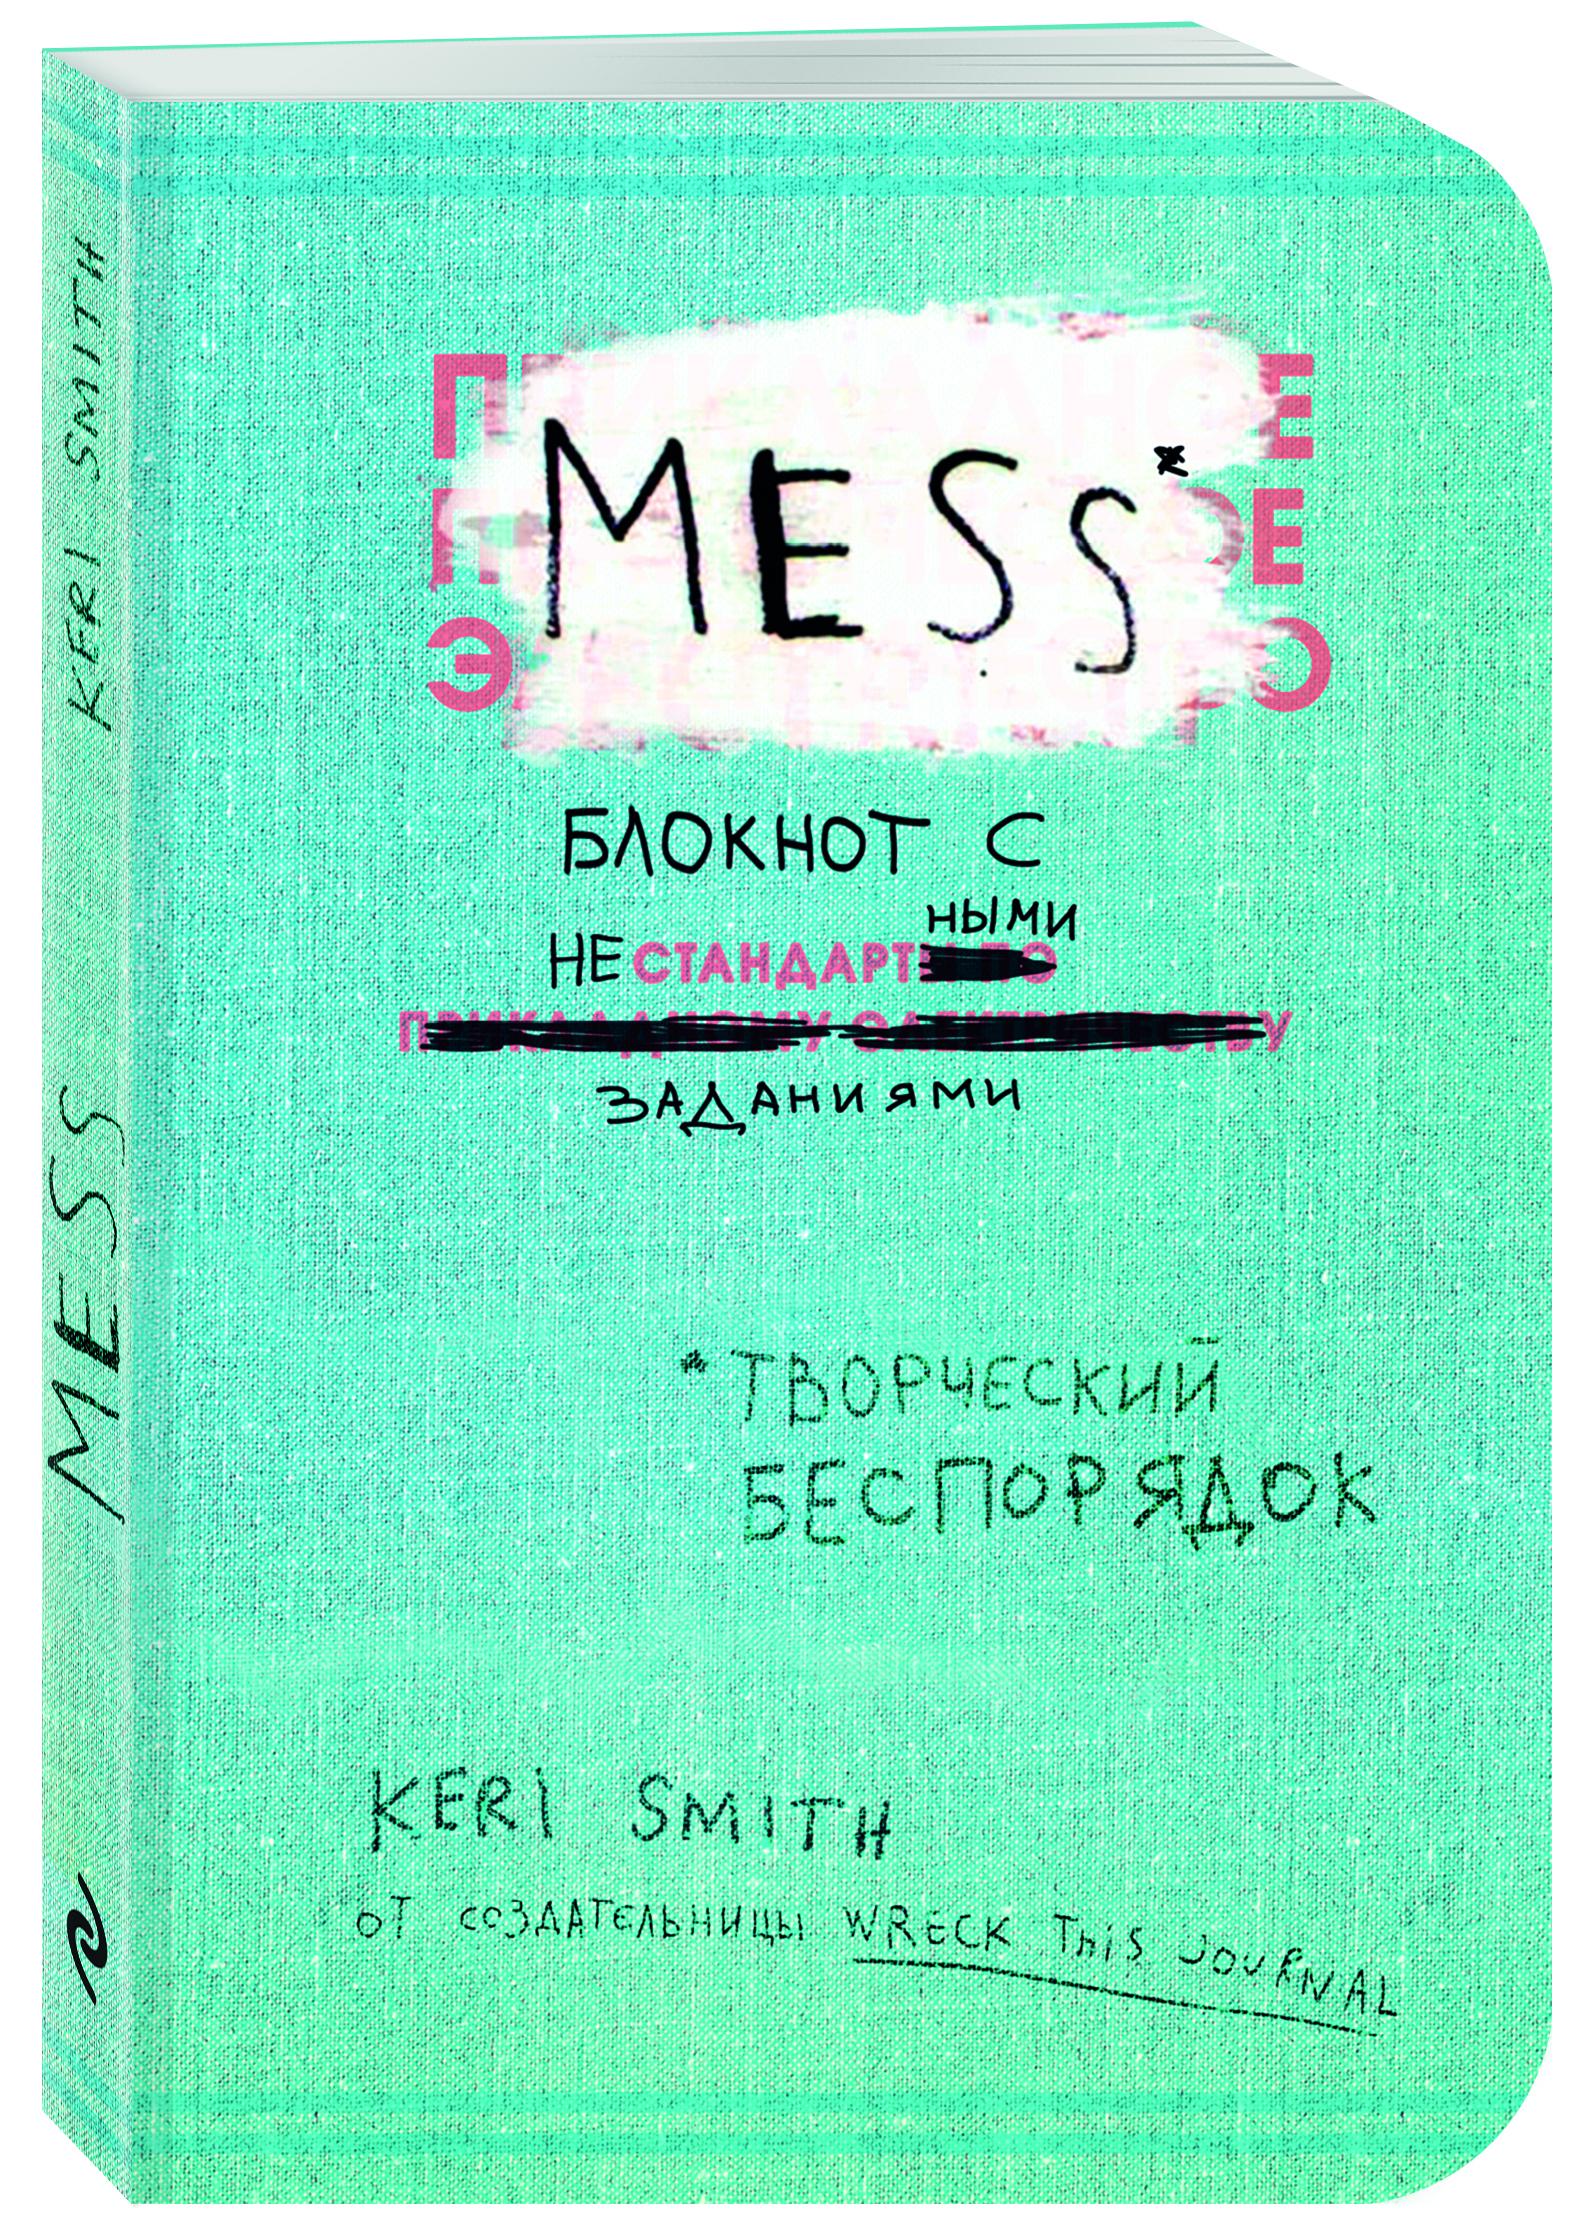 Кери Смит Творческий беспорядок (Mess). Блокнот с нестандартными заданиями книги эксмо аниморфозы творческий блокнот